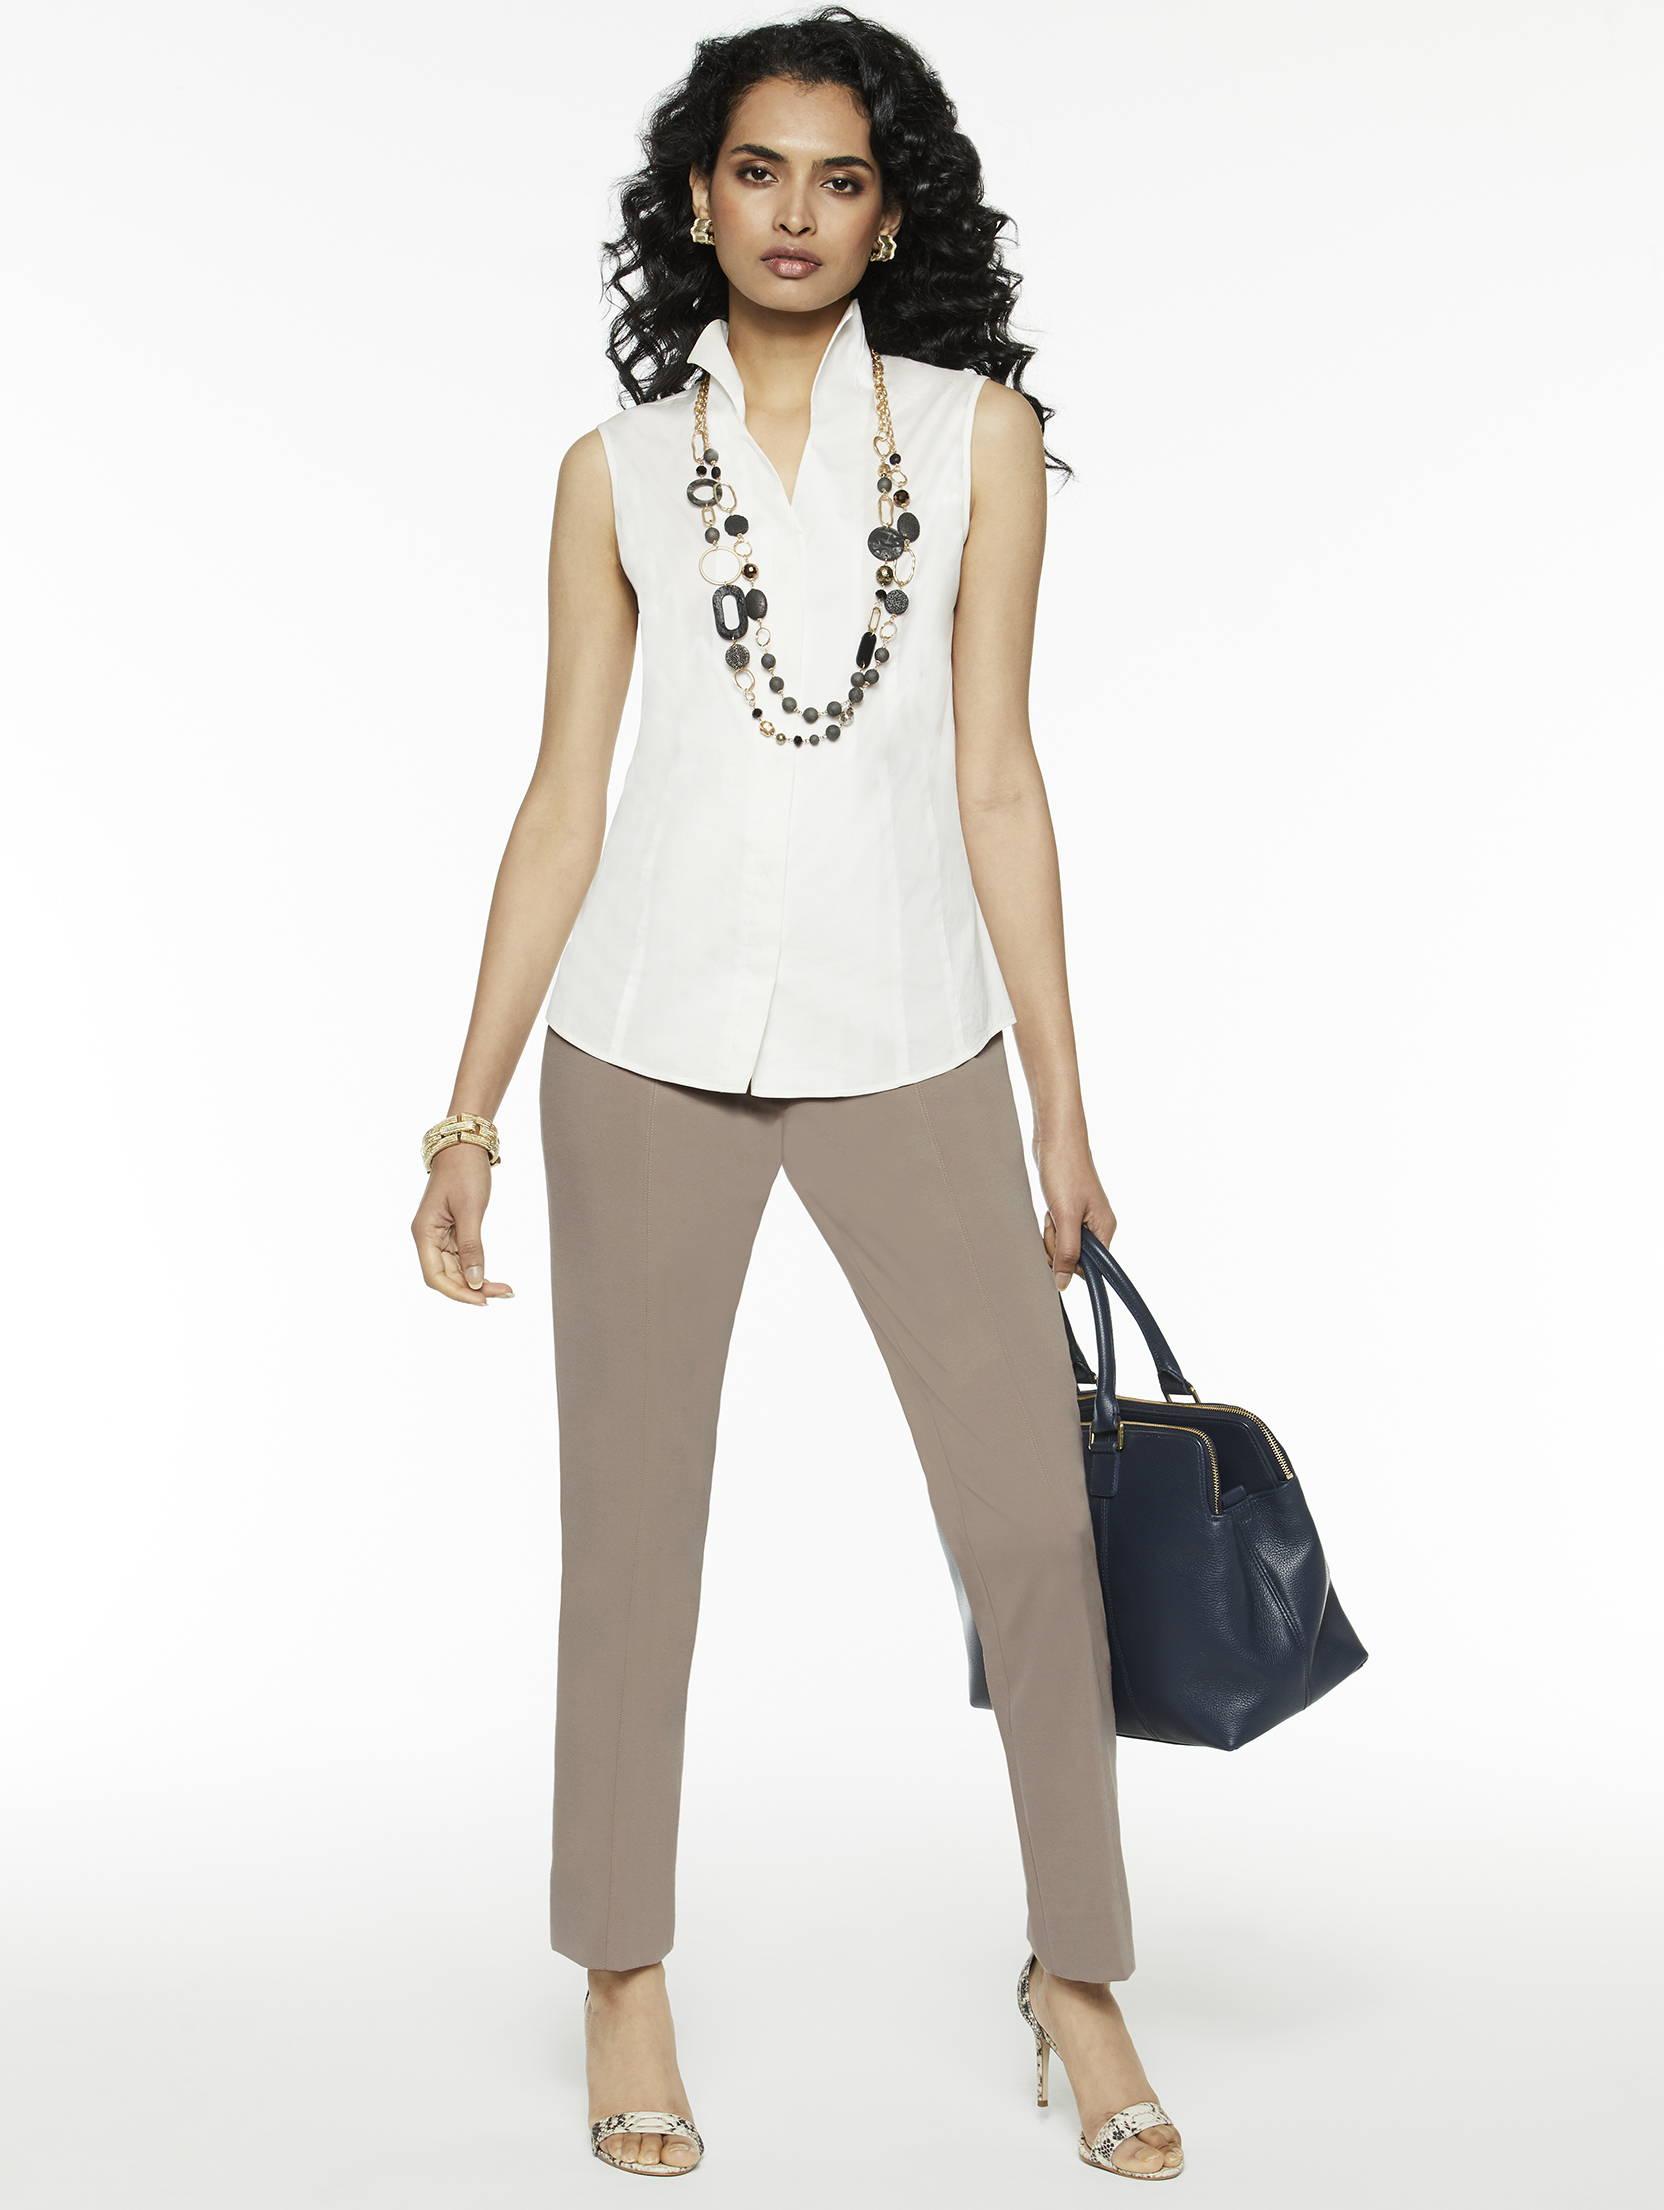 Misook Style Series - Look 2